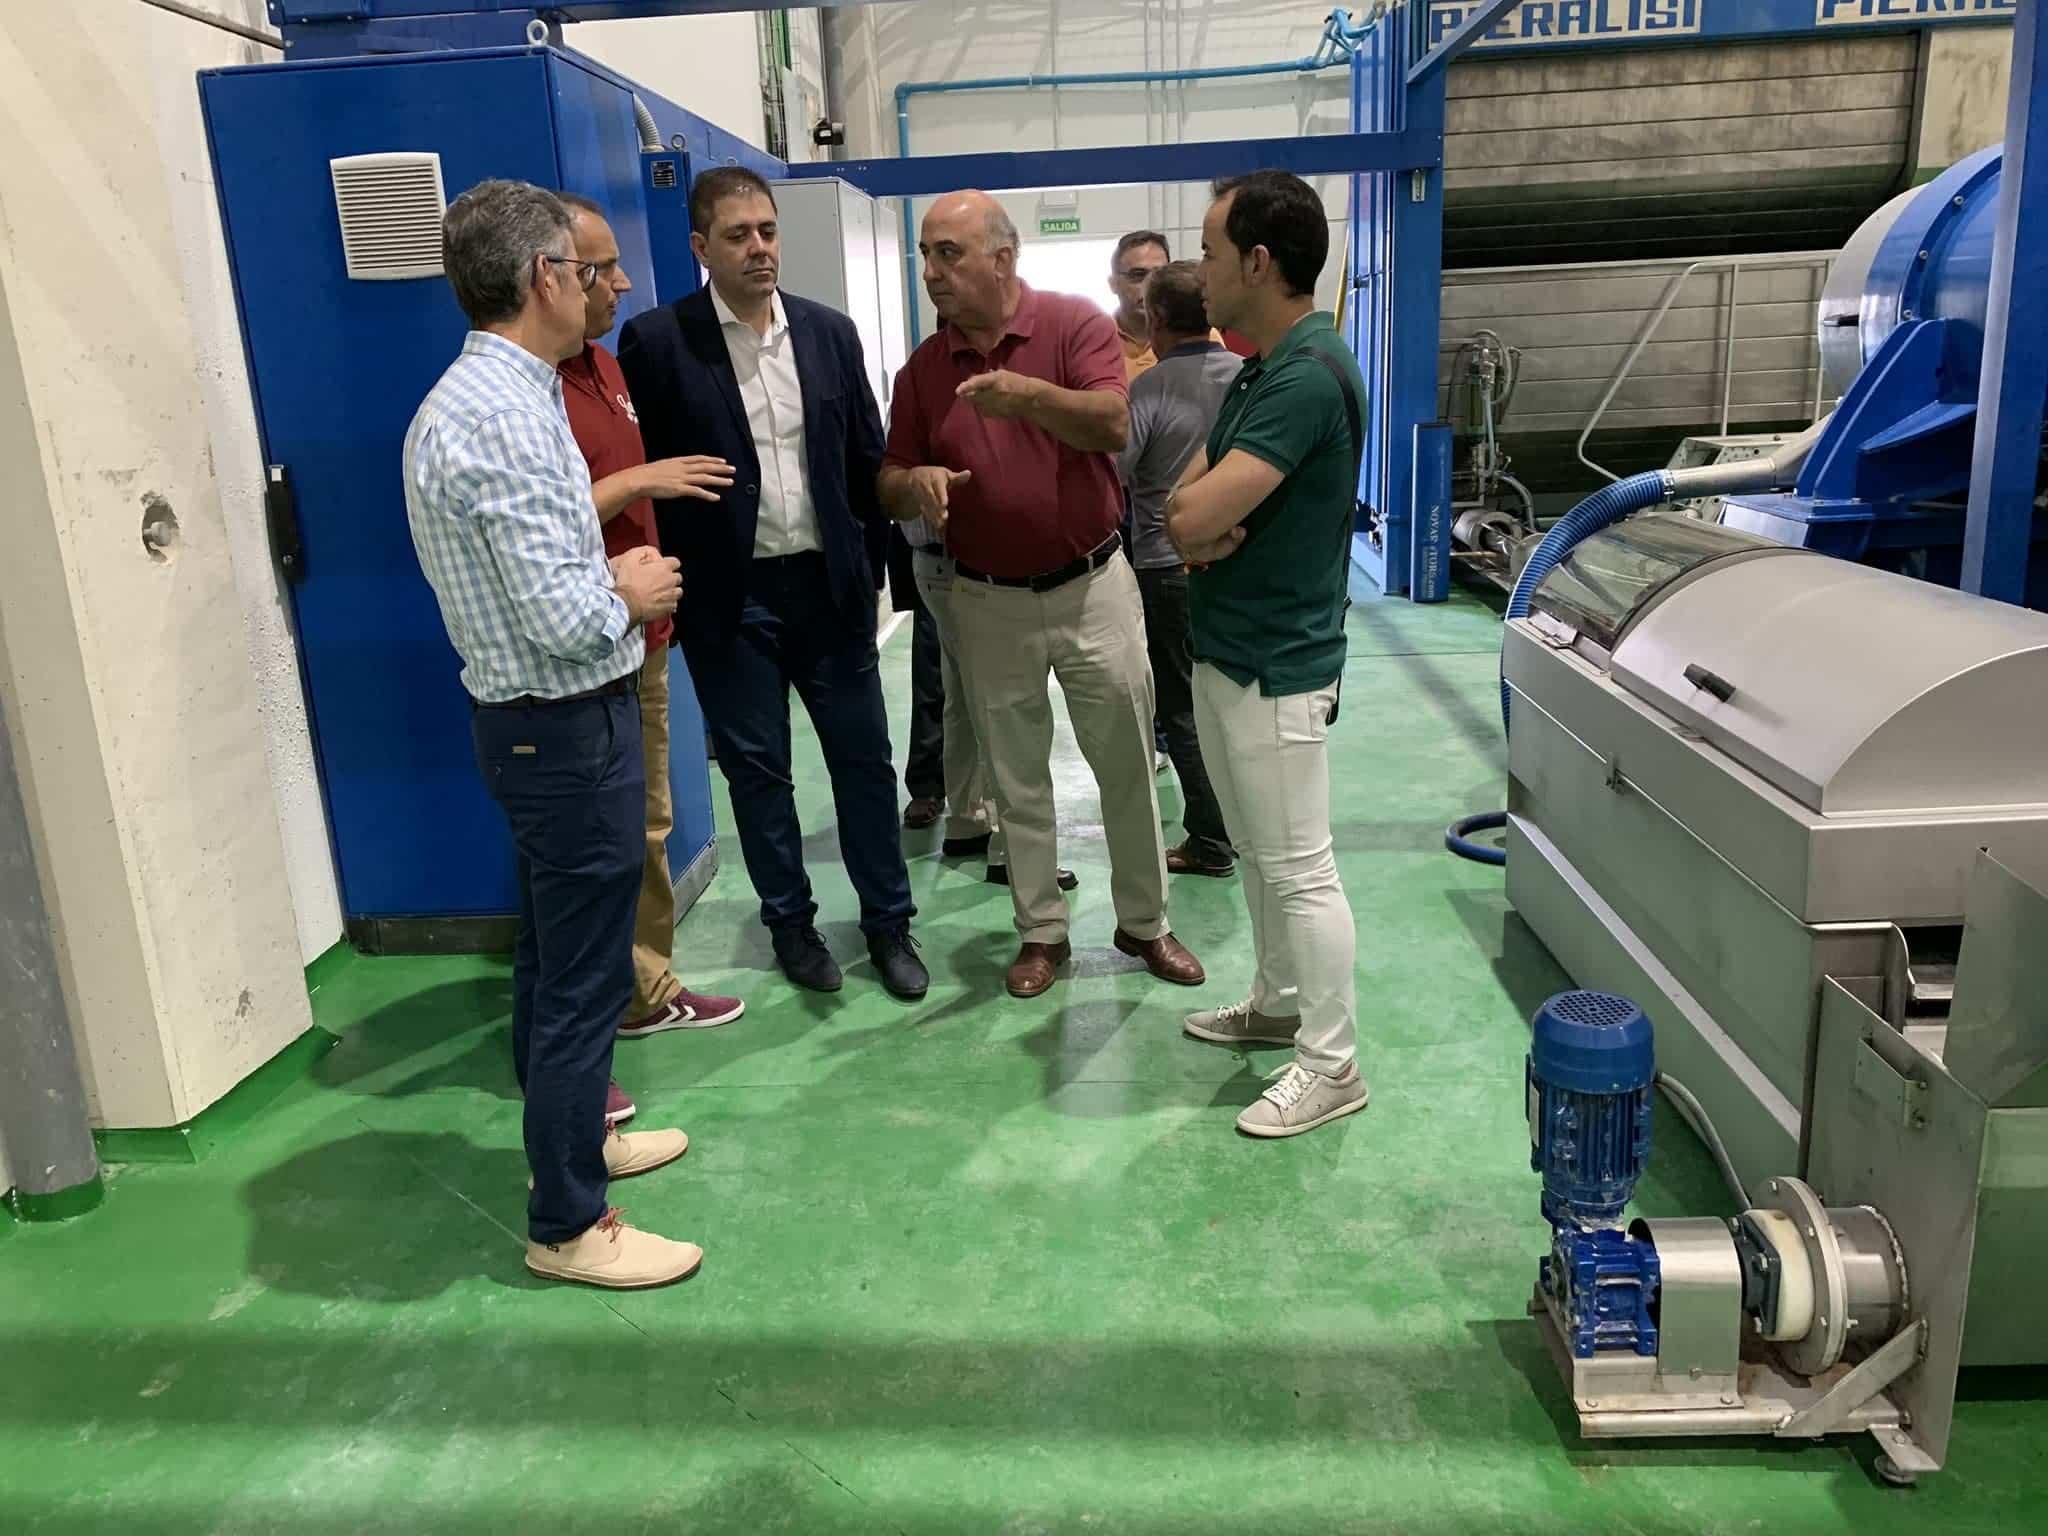 visita almazarera la encarnacion herencia 2 - Nuevas instalaciones de la Cooperativa Almazarera La Encarnación en Herencia